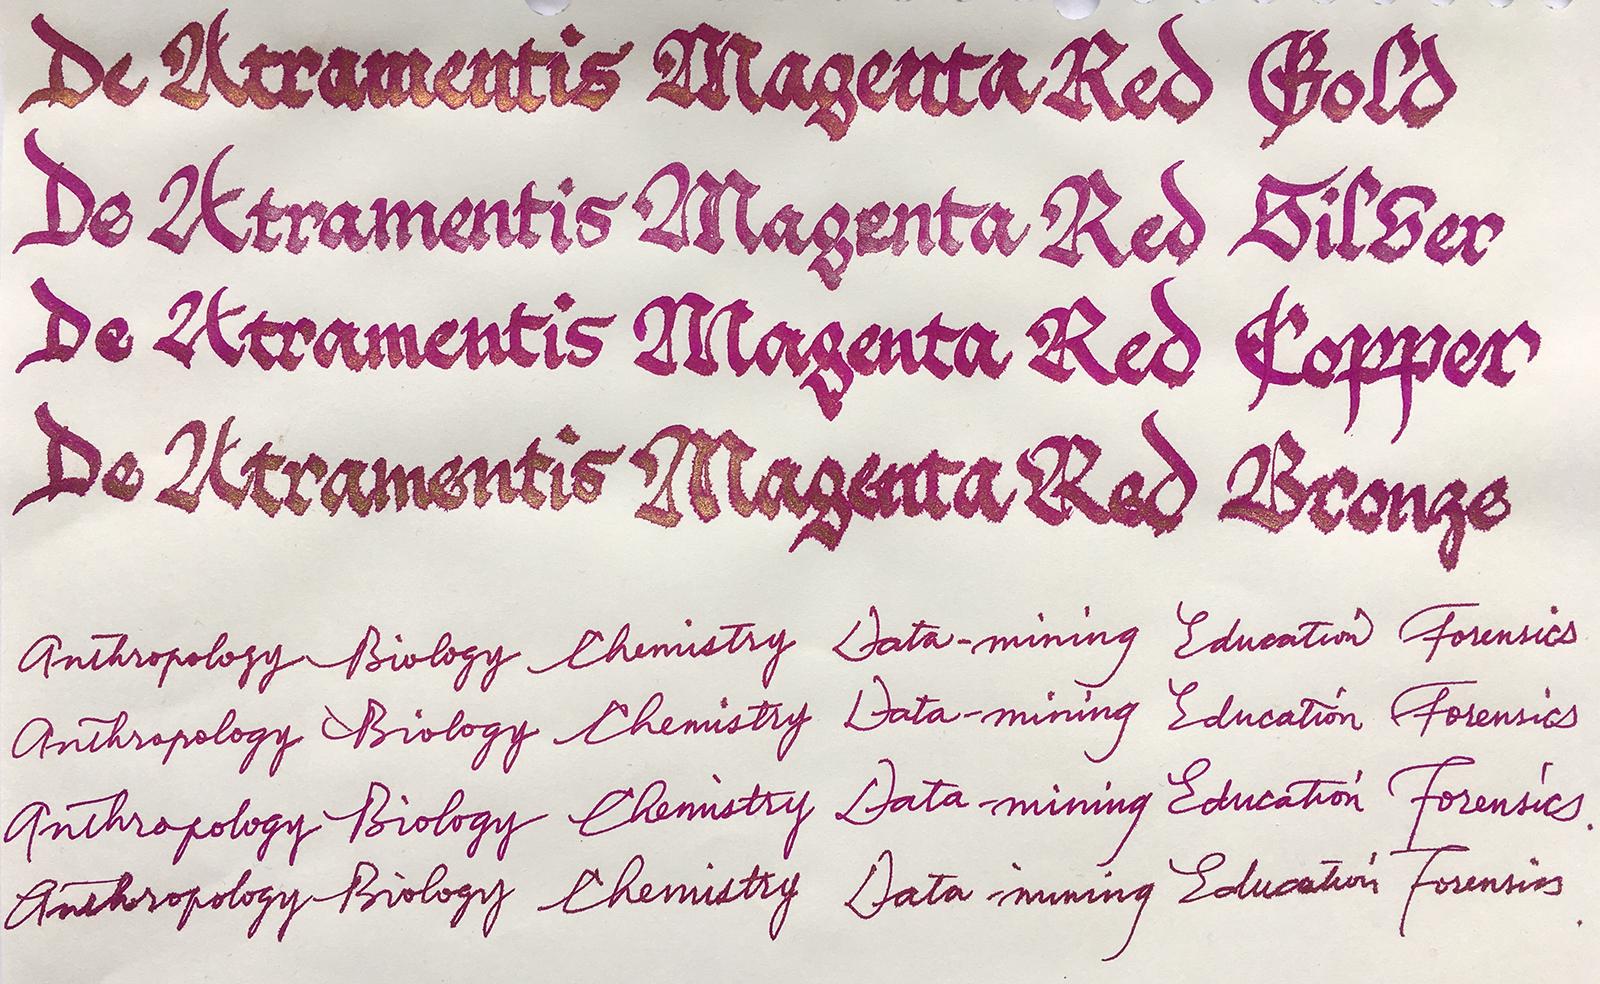 fpn_1479993626__magenta-red.jpg